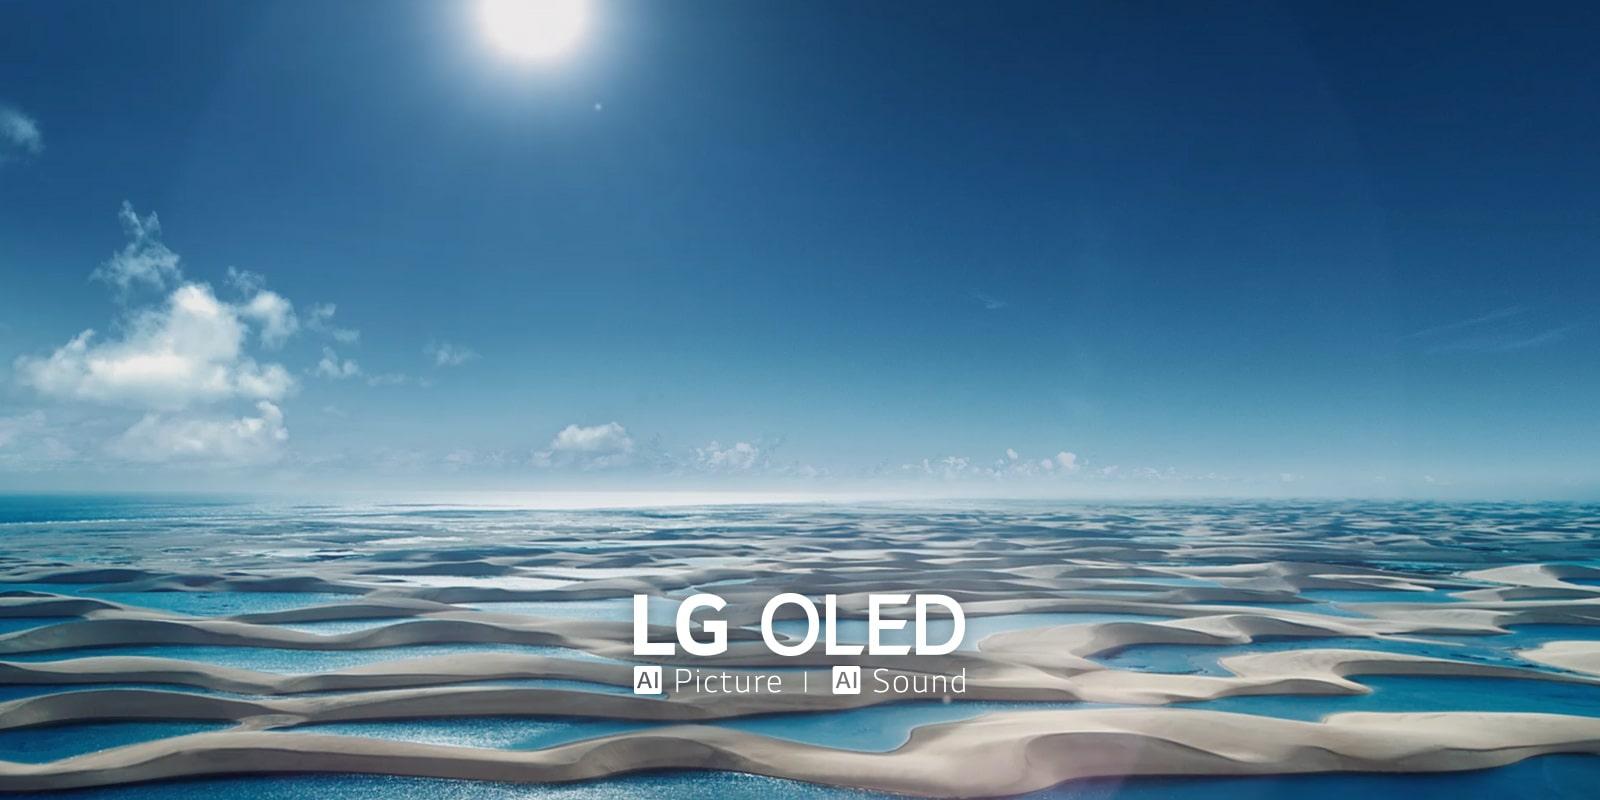 Une nouvelle expérience époustouflante avec LG OLED